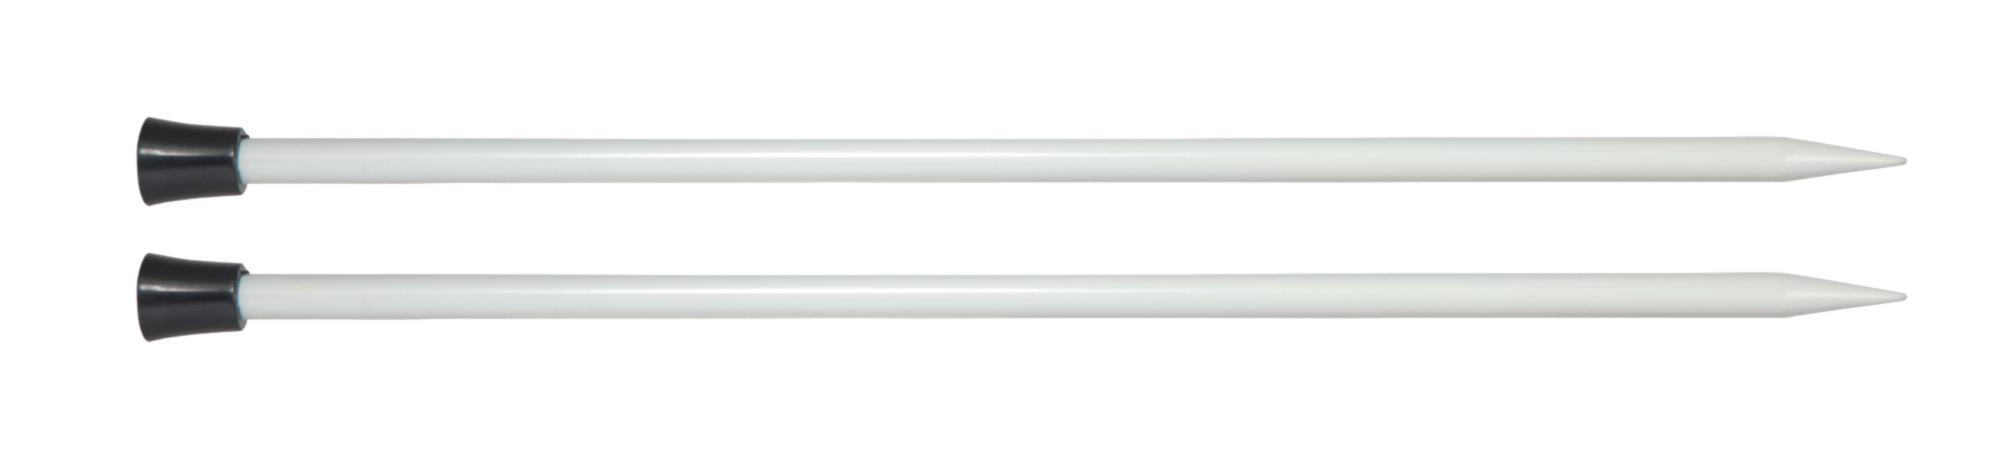 Спицы прямые 25 см Basix Aluminium KnitPro, 45206, 5.00 мм